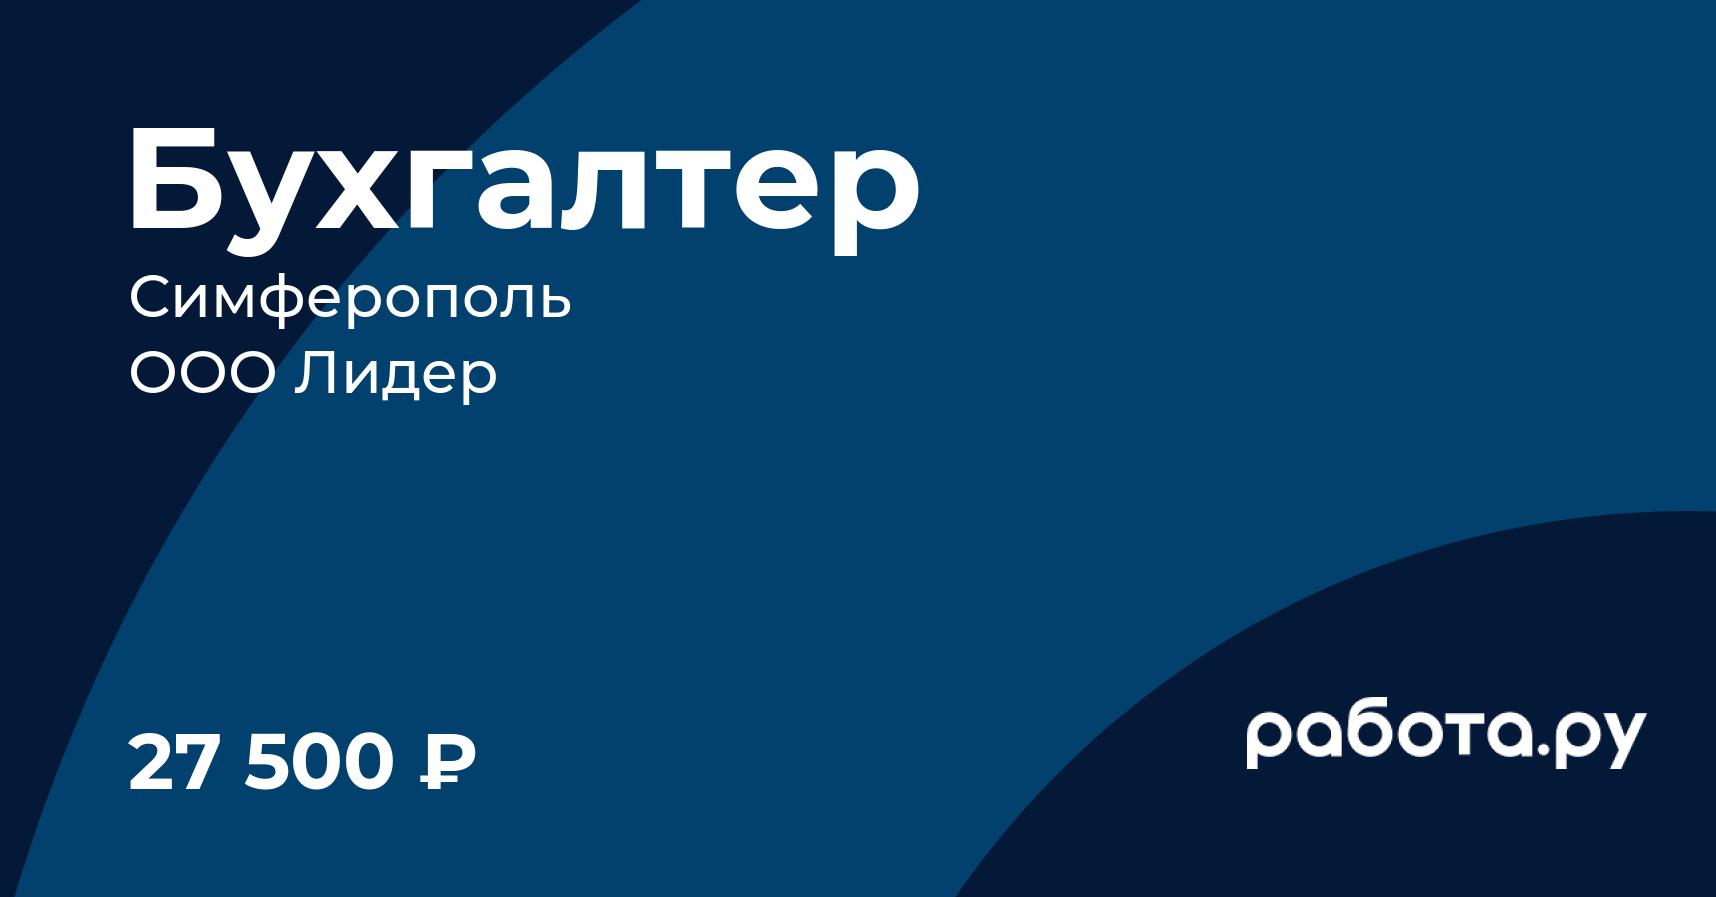 Главный бухгалтер вакансии симферополь у ип на патенте бухгалтер